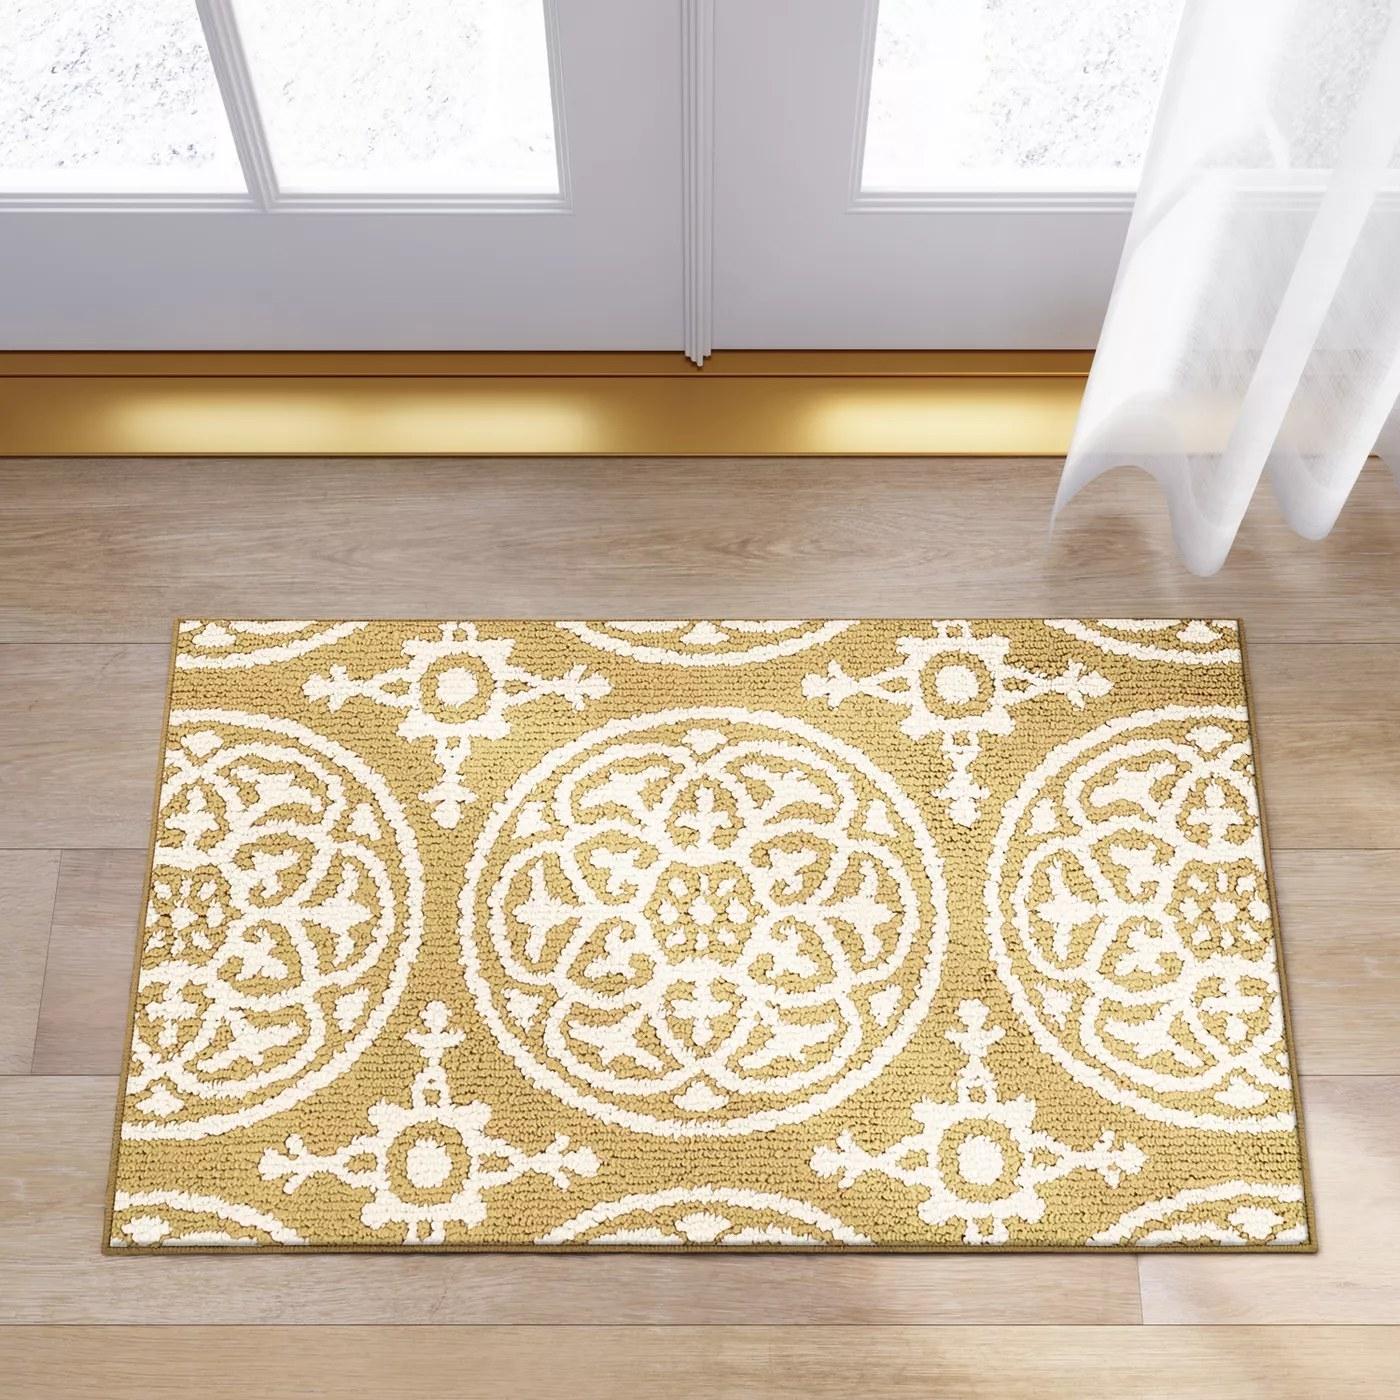 The mat set in front of a garden door